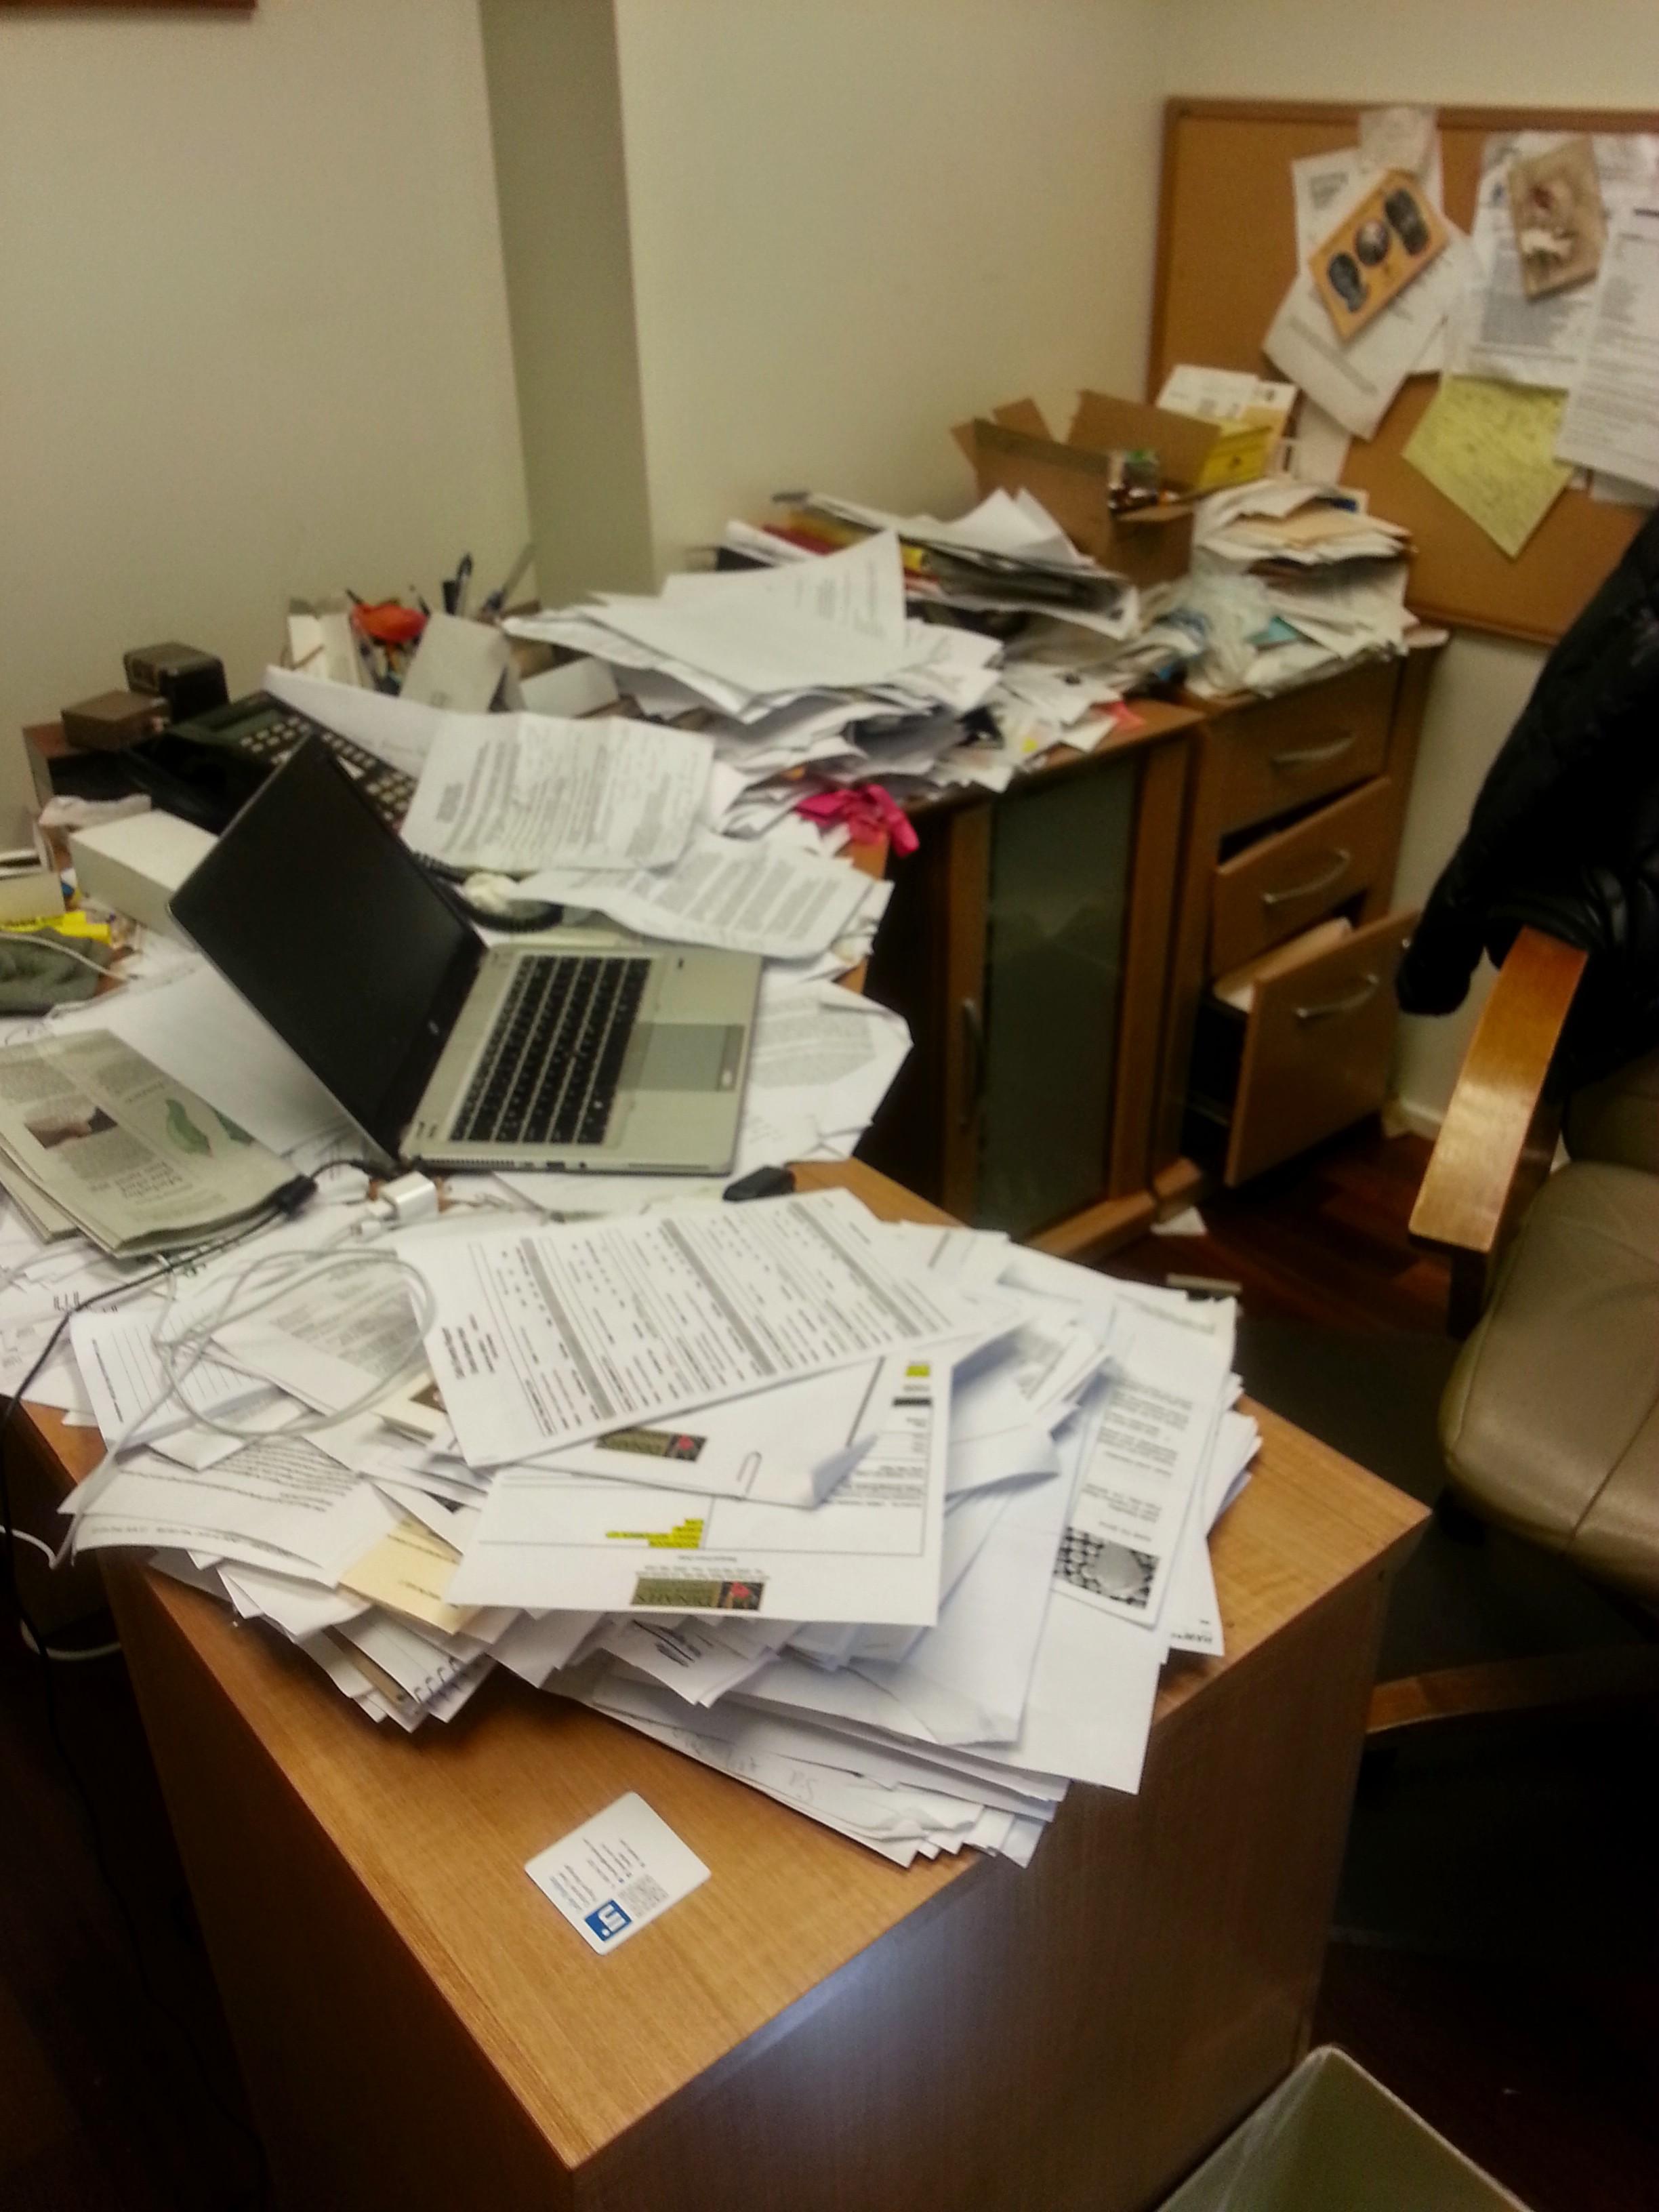 Unorganized desk